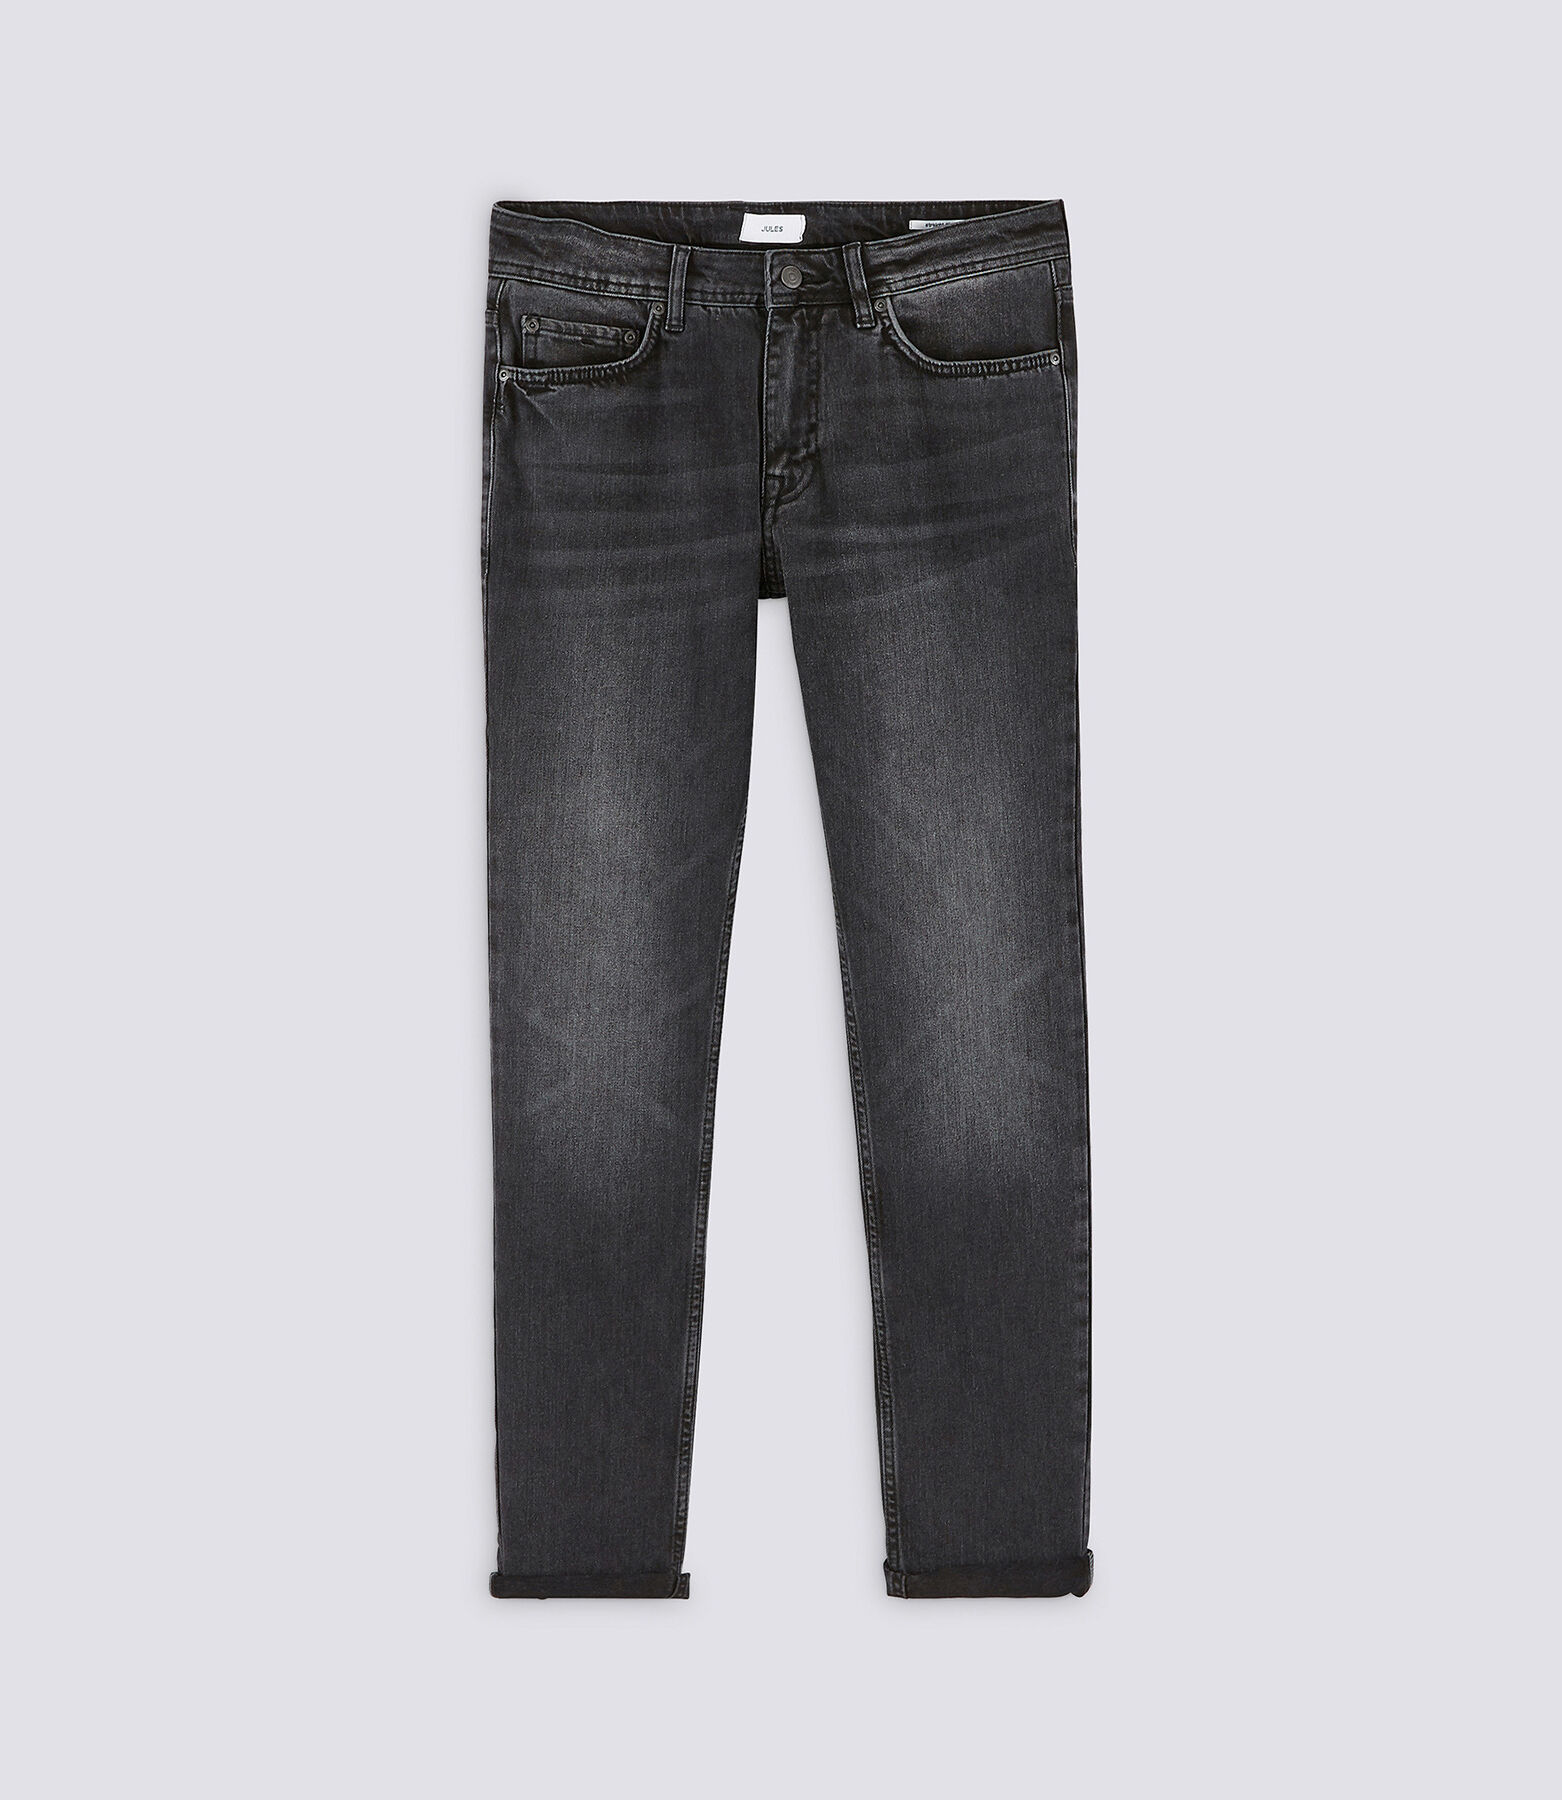 Pantalon Denim Noir Lg 30